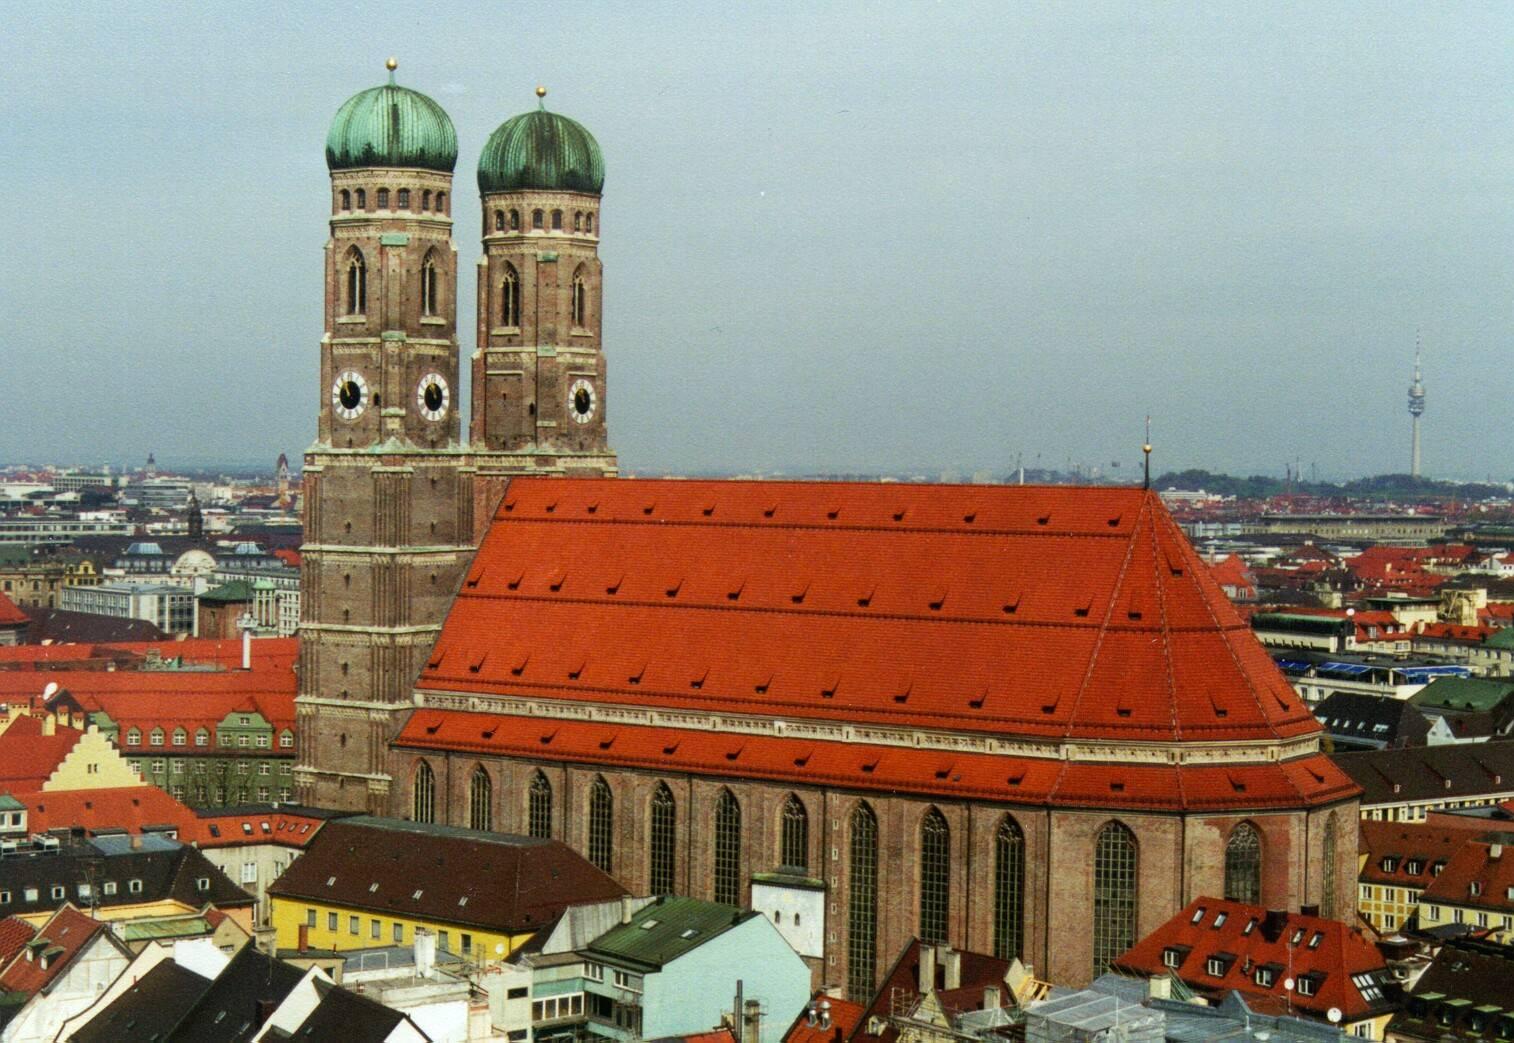 Церковь азамкирхе в мюнхене: история, описание